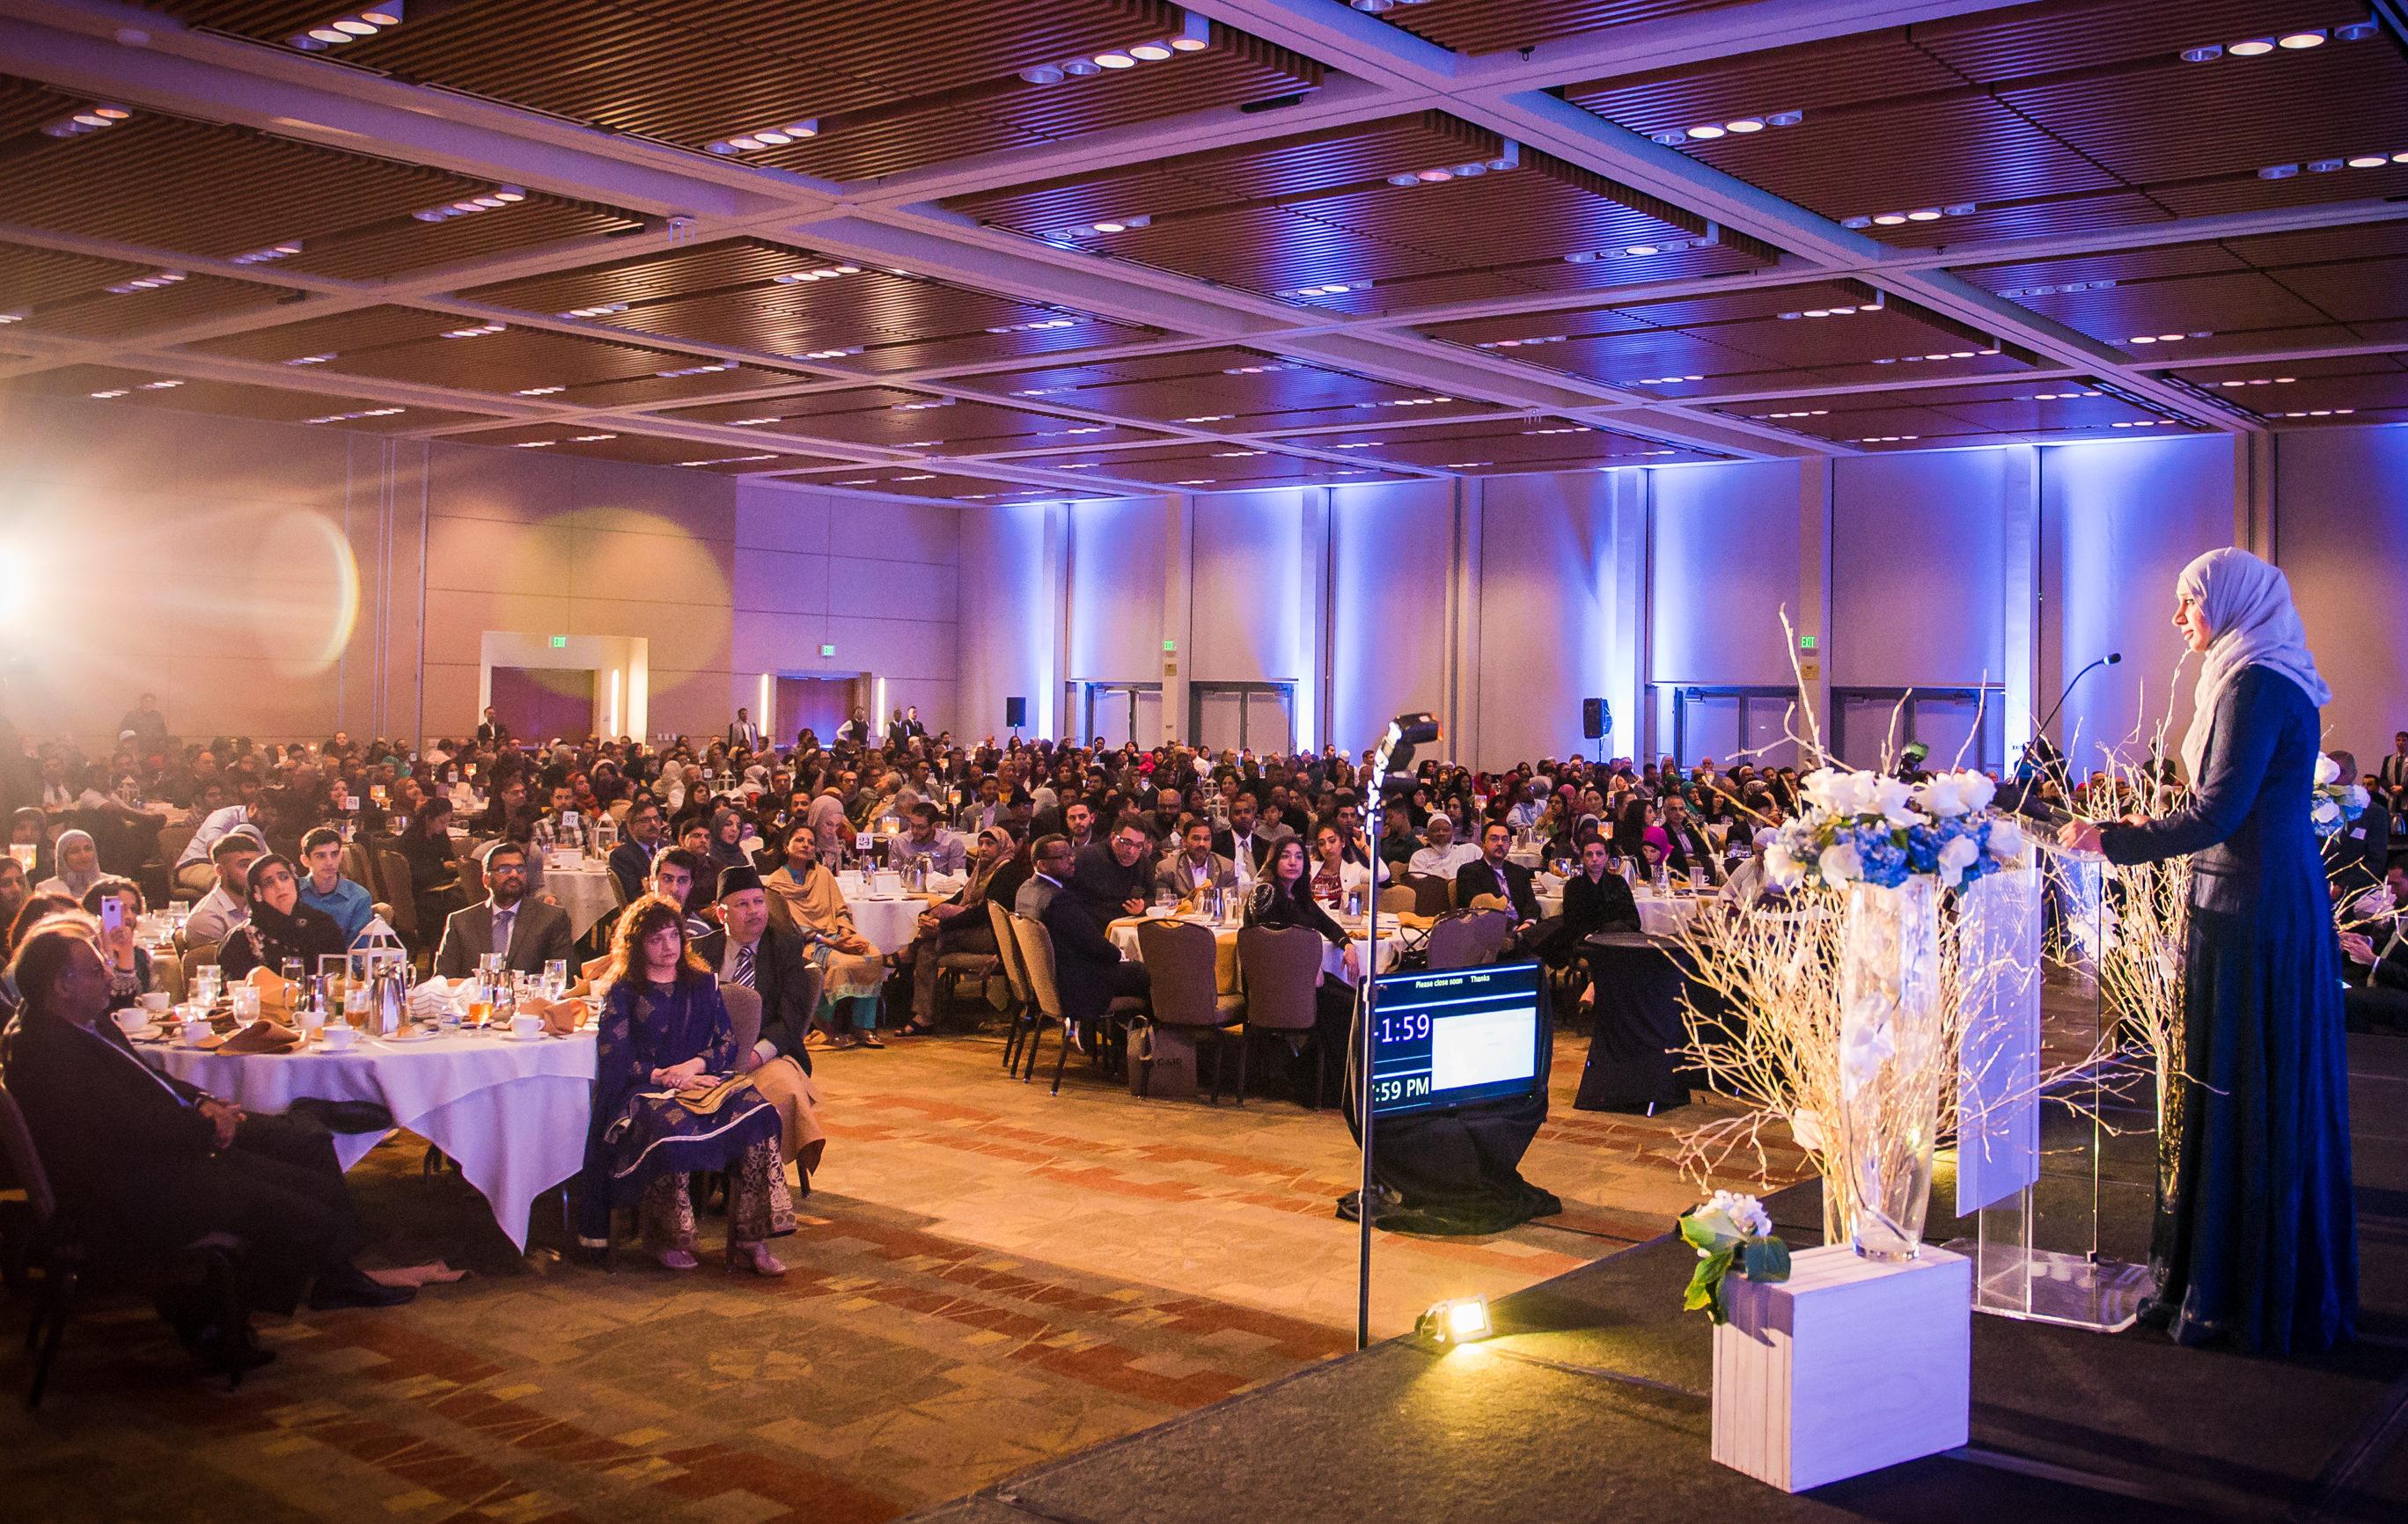 CAIR-SFBA Executive Director, Zahra Billoo, Speaking At CAIR-SFBAs 23rd Annual Banquet